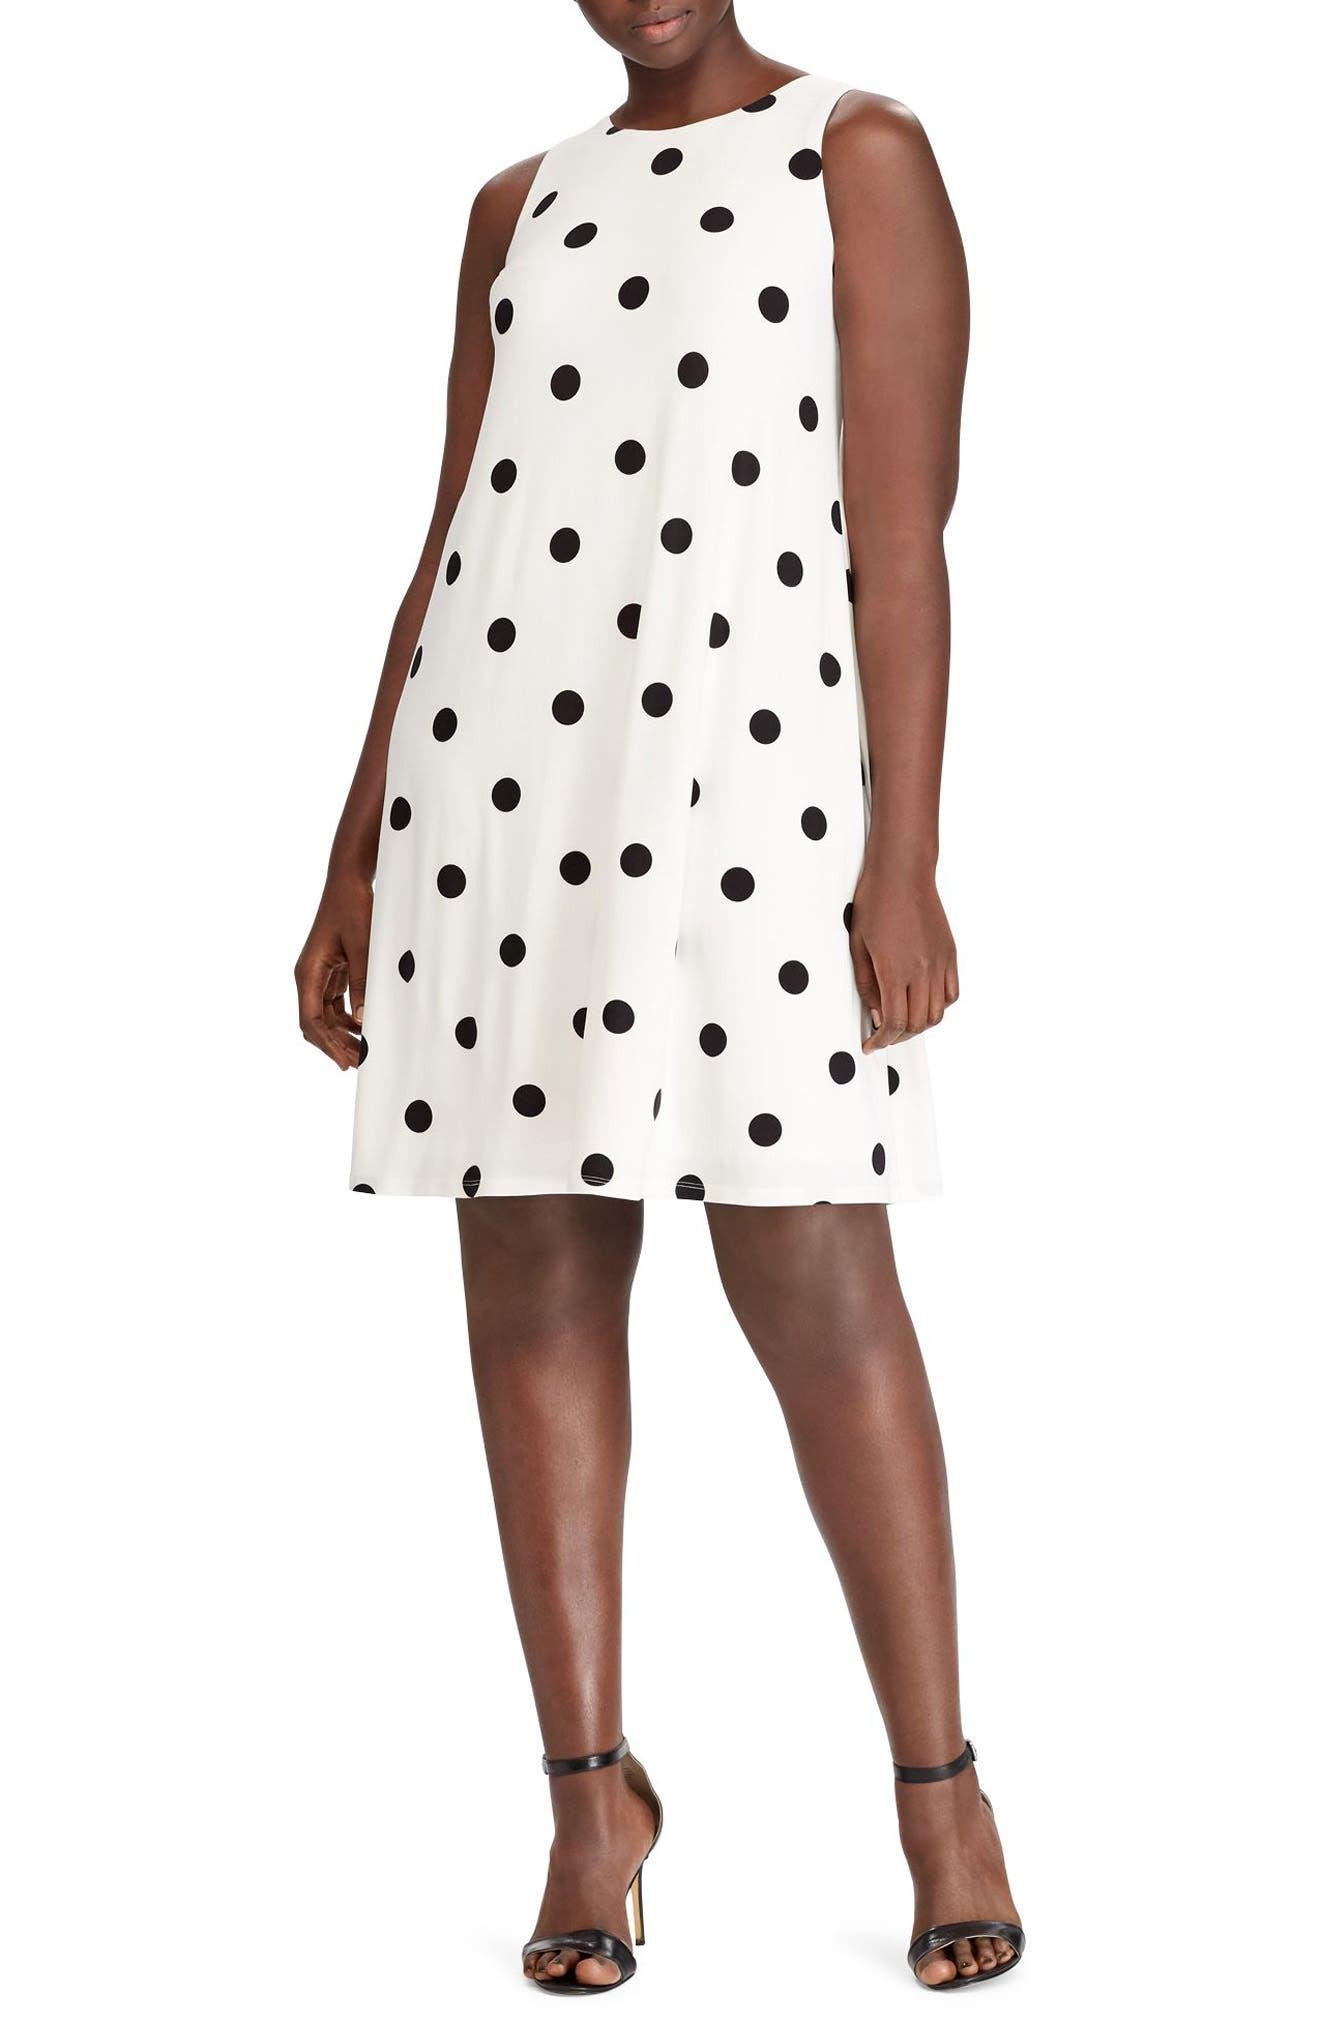 Peninsula Dot A-Line Dress,                         Main,                         color, Col. Cream-Black